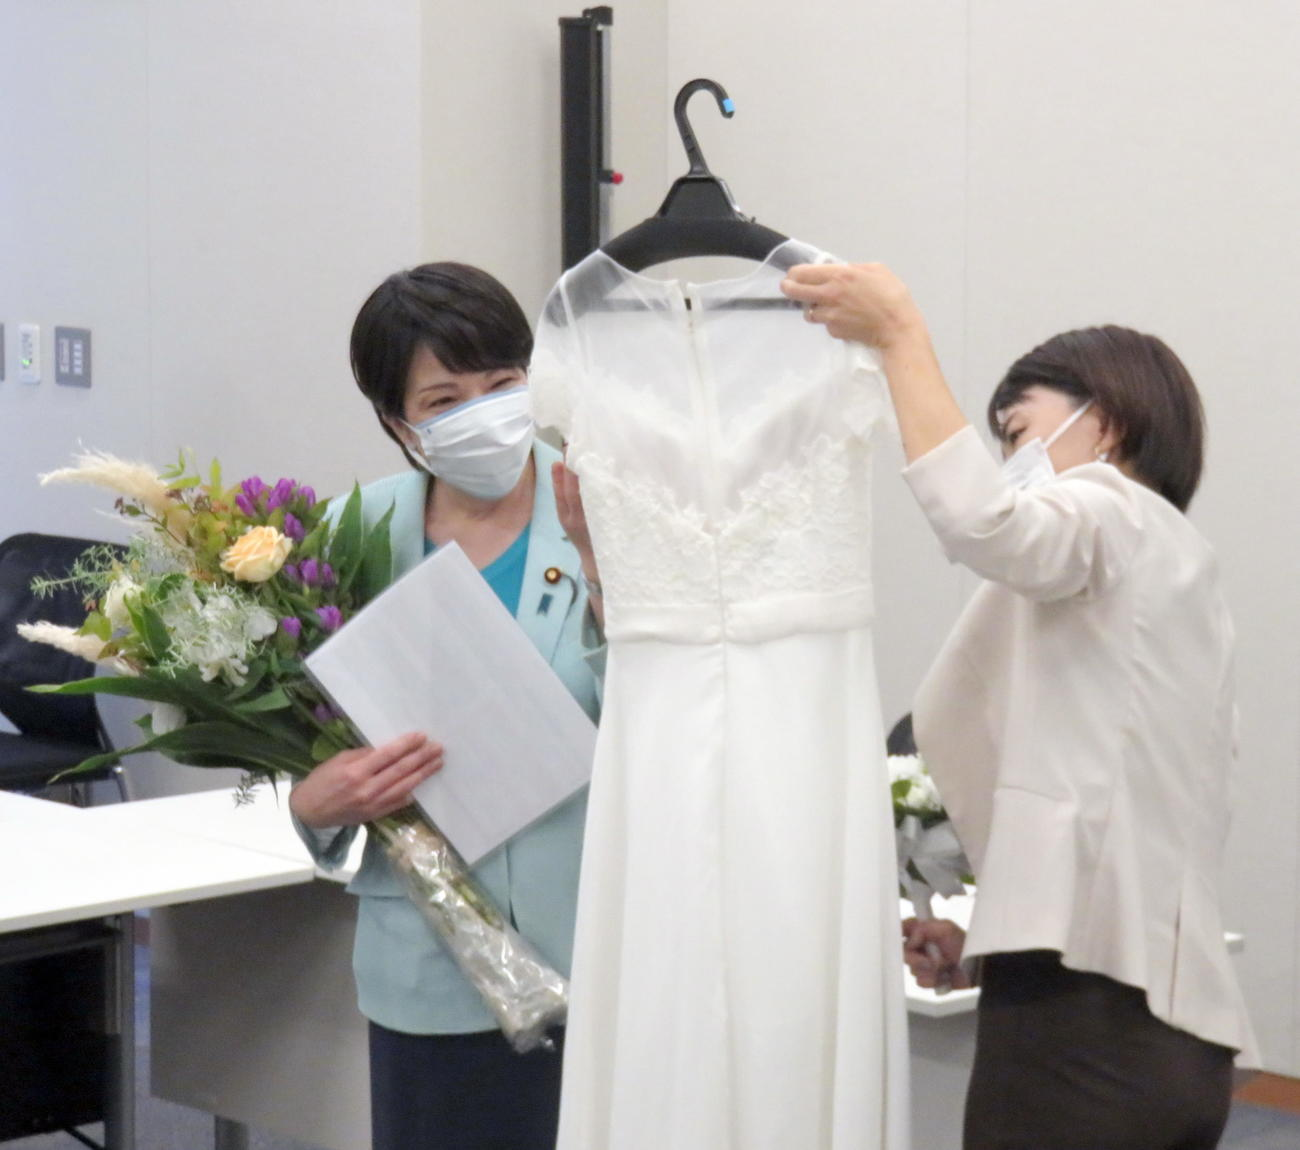 純白のウエディングドレスに笑顔で興味を示す高市早苗前総務相(左)(撮影・鎌田直秀)